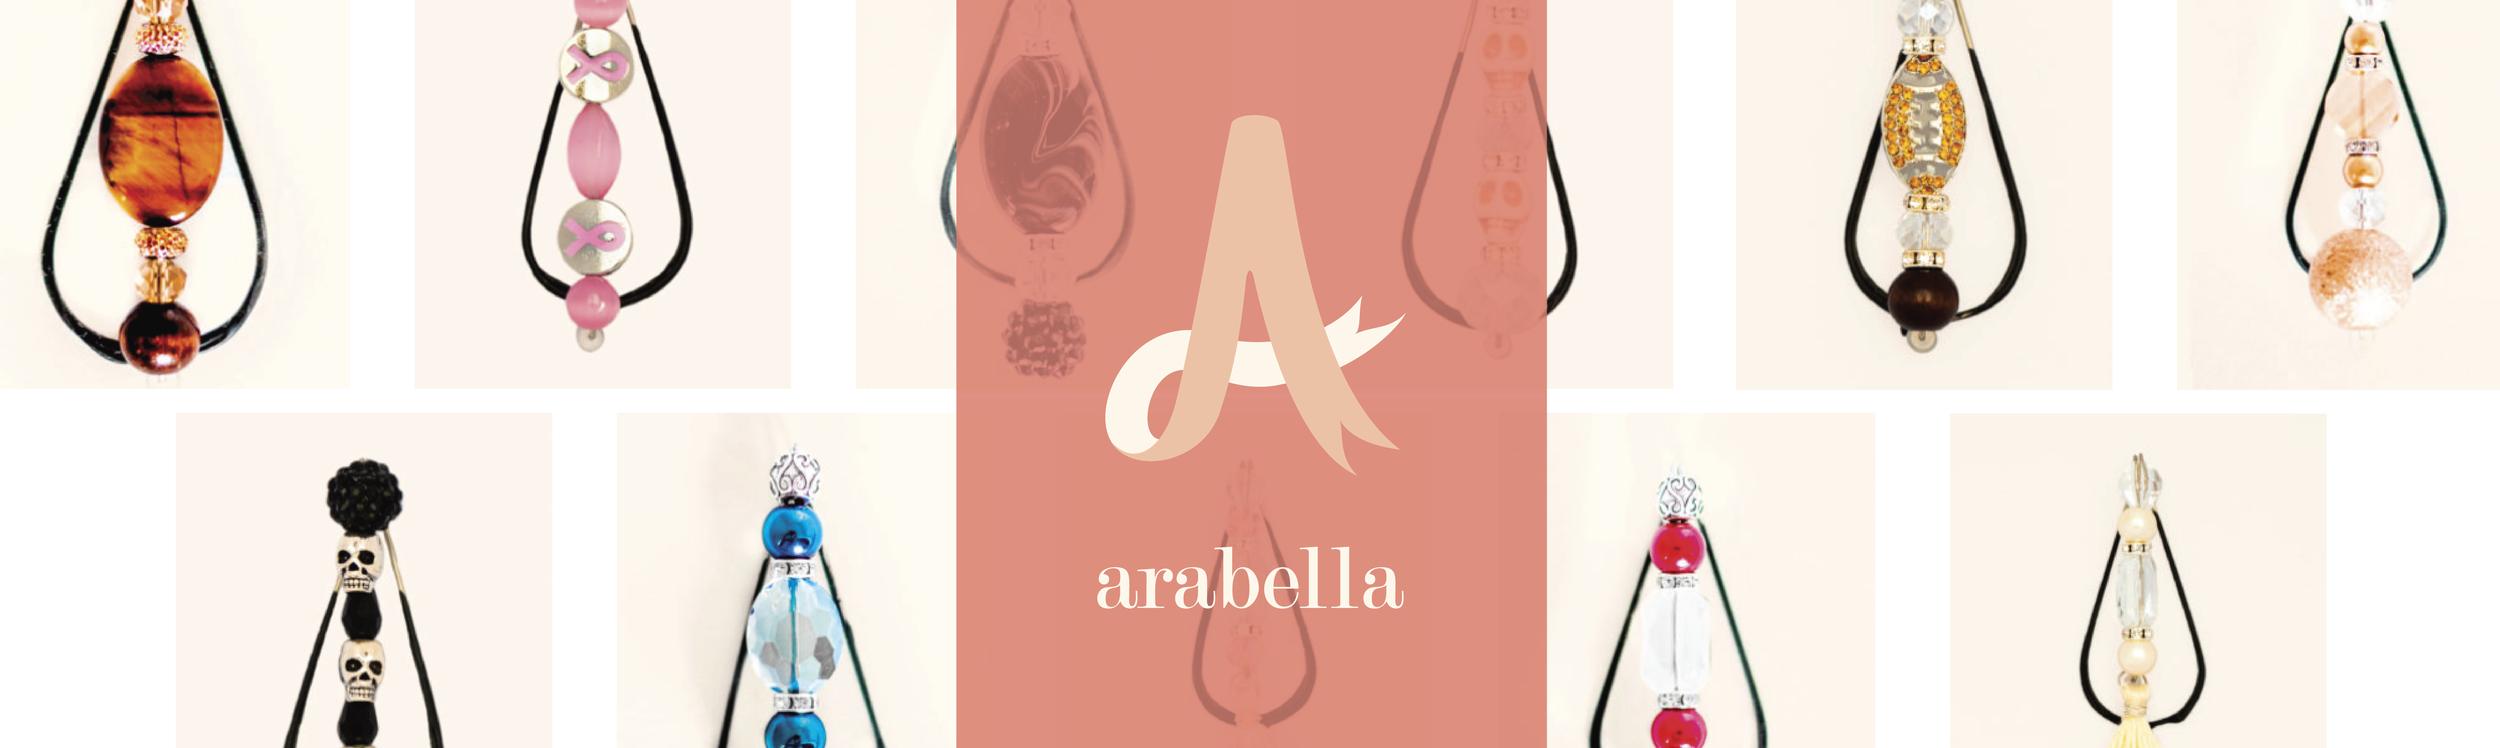 Arabella banner-01-01.png